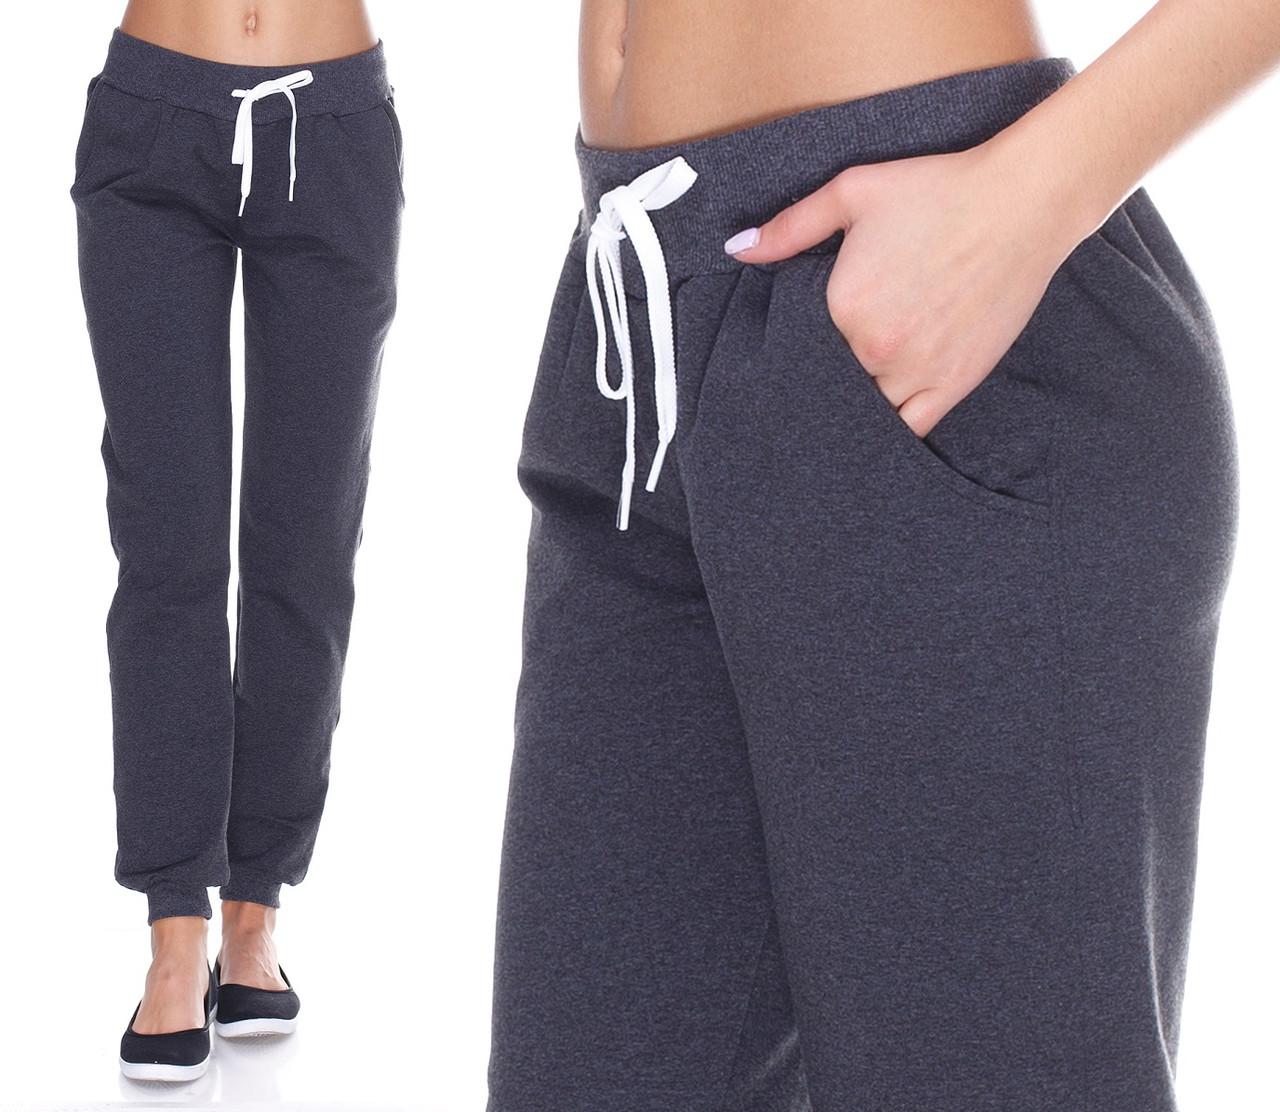 5b771d9f Теплые спортивные штаны женские на флисе зимние с начесом серые - Интернет  магазин Sport-sila